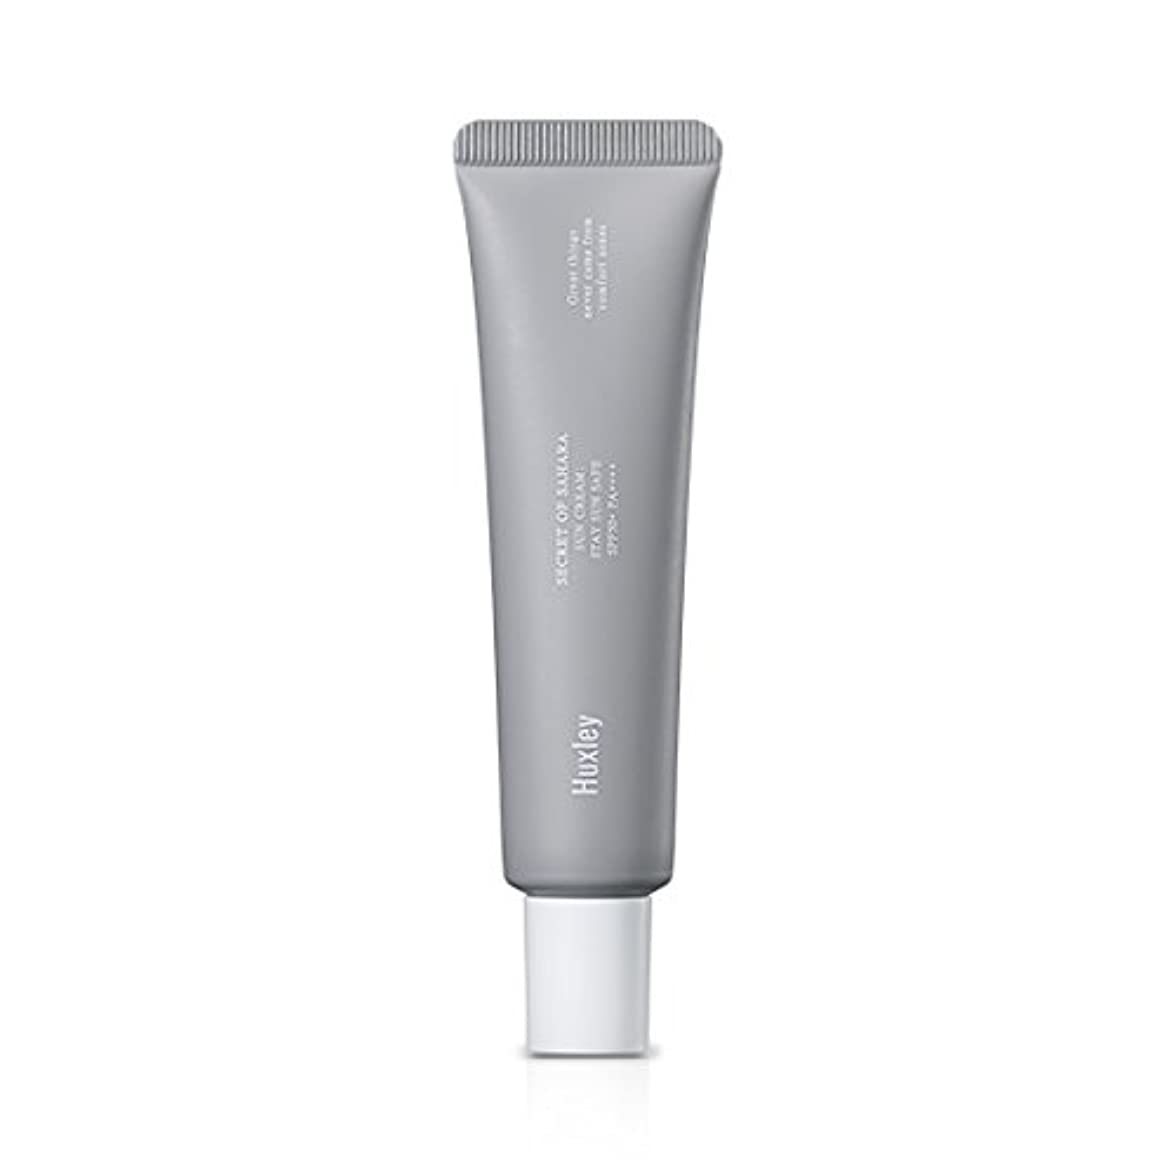 スチュワーデスおかしい生物学Huxley Sun Cream;Stay Sun Safe 35ml (SPF50+ PA++++)/ハクスリー サンクリーム;ステイ サン セーフ 35ml (SPF50+ PA++++) [並行輸入品]